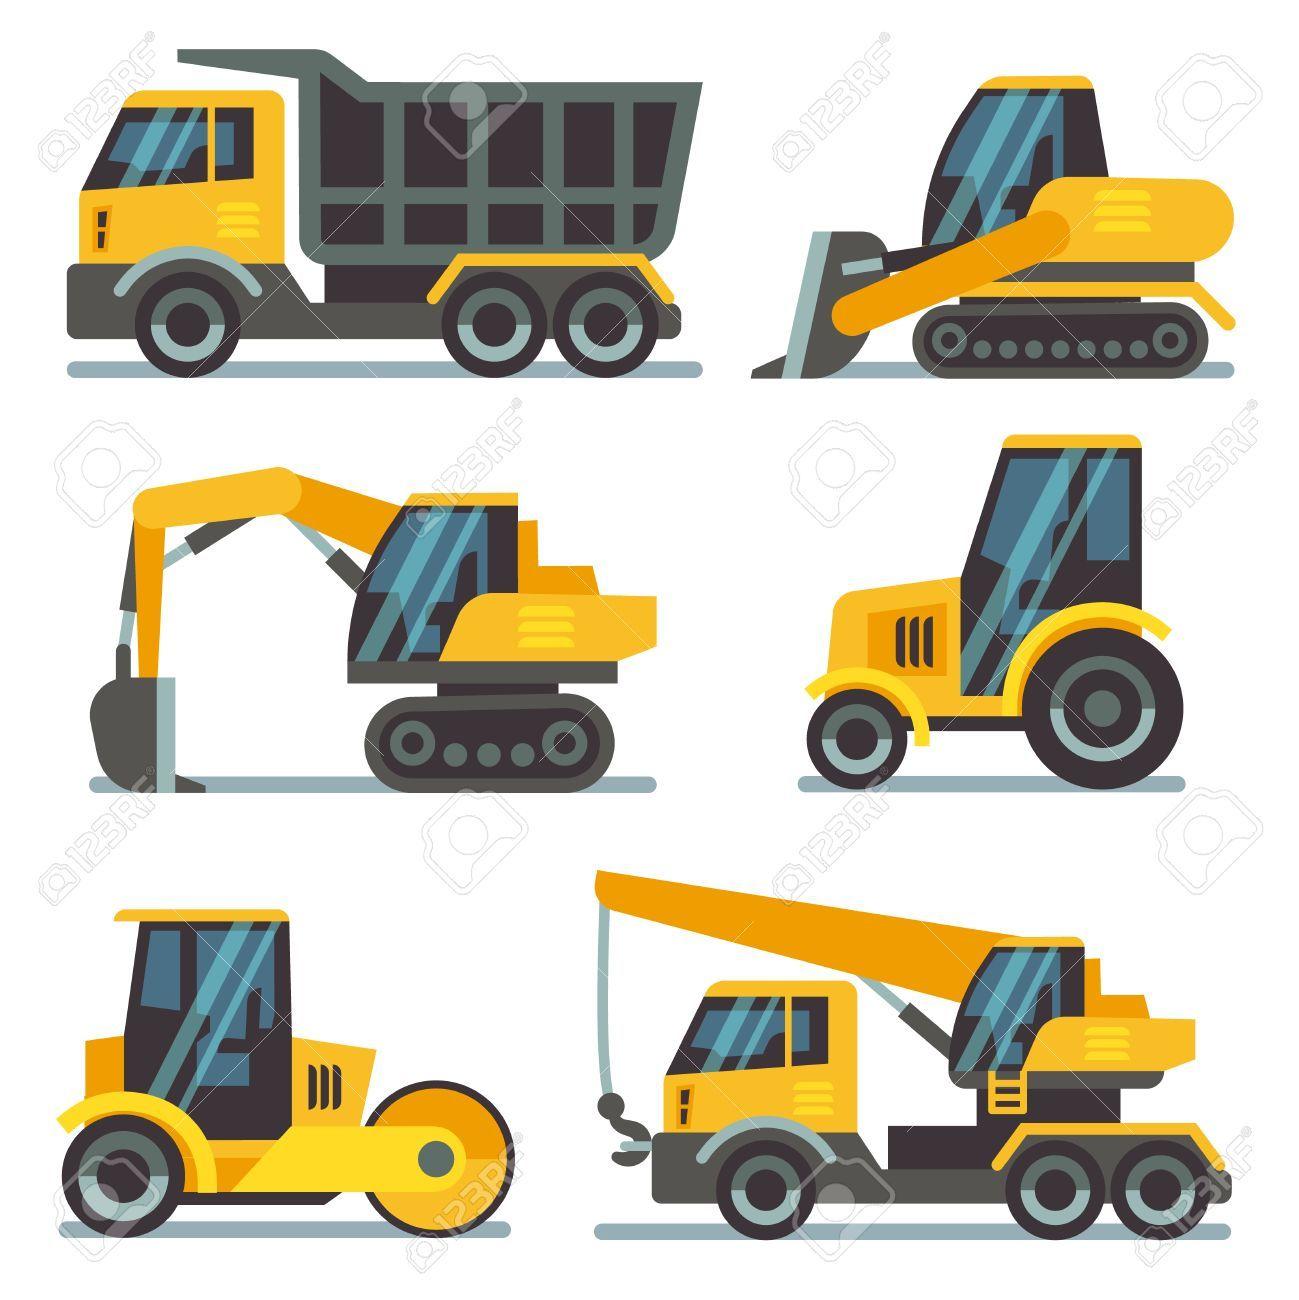 Maquinas De Construccion Maquinaria Pesada Vehiculos De La Construccion De Vectores Iconos Planos Excavadora Y La Grua Excavadora Y Cargadora De La Ilustrac Maquinas De Construccion Equipo Pesado Maquinaria Pesada